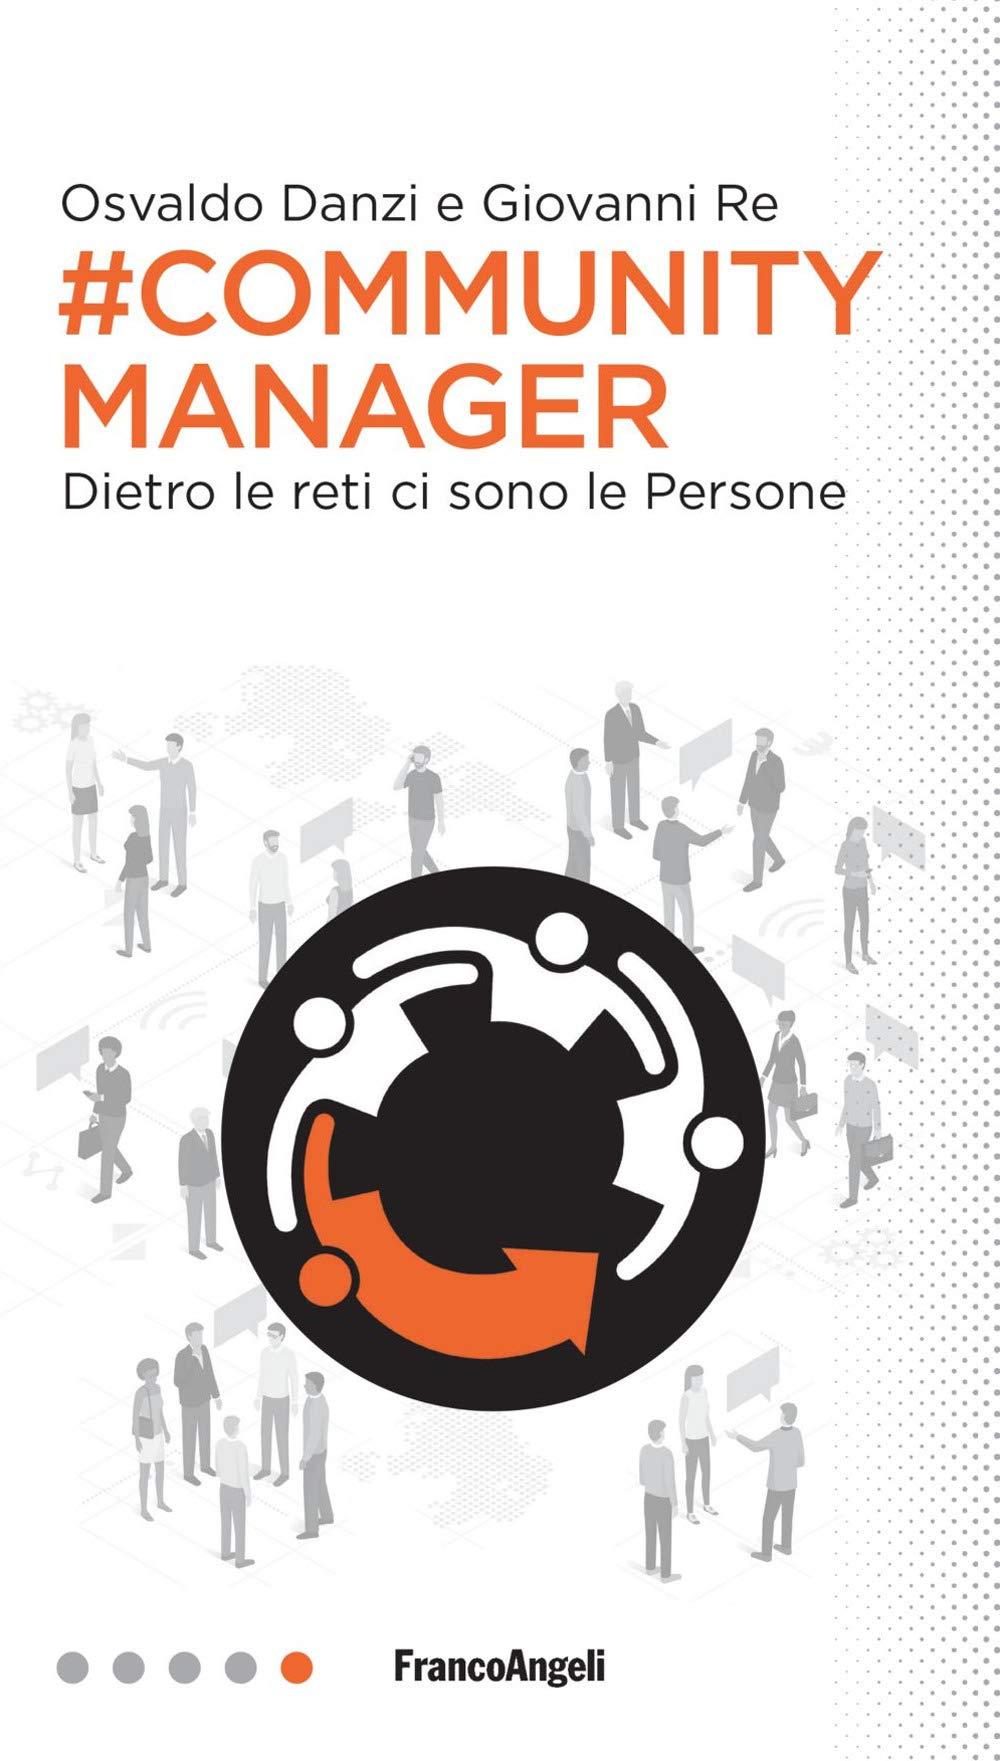 #Community manager. Dietro le reti ci sono le persone Professioni digitali: Amazon.es: Osvaldo Danzi, Giovanni Re: Libros en idiomas extranjeros